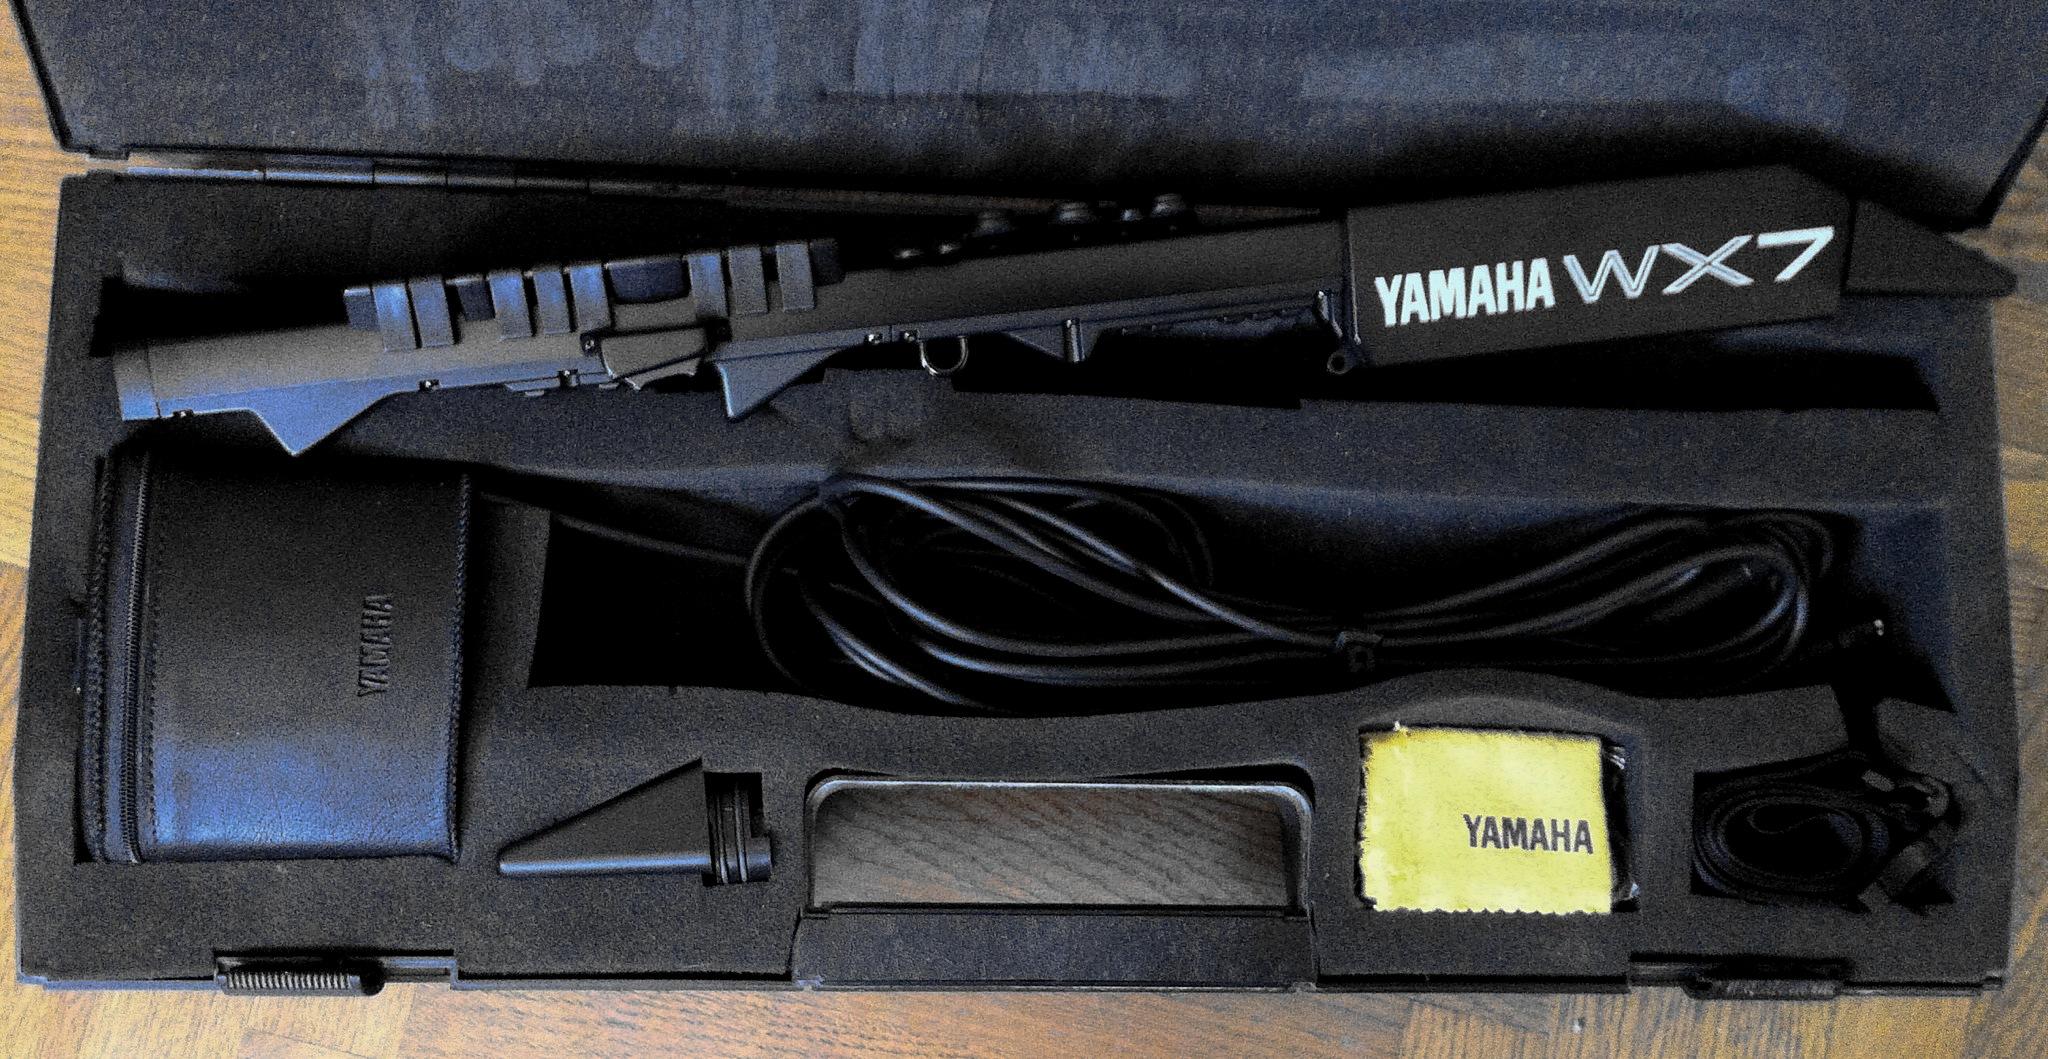 Yamaha wx7 image 916621 audiofanzine for Yamaha electronic wind instrument